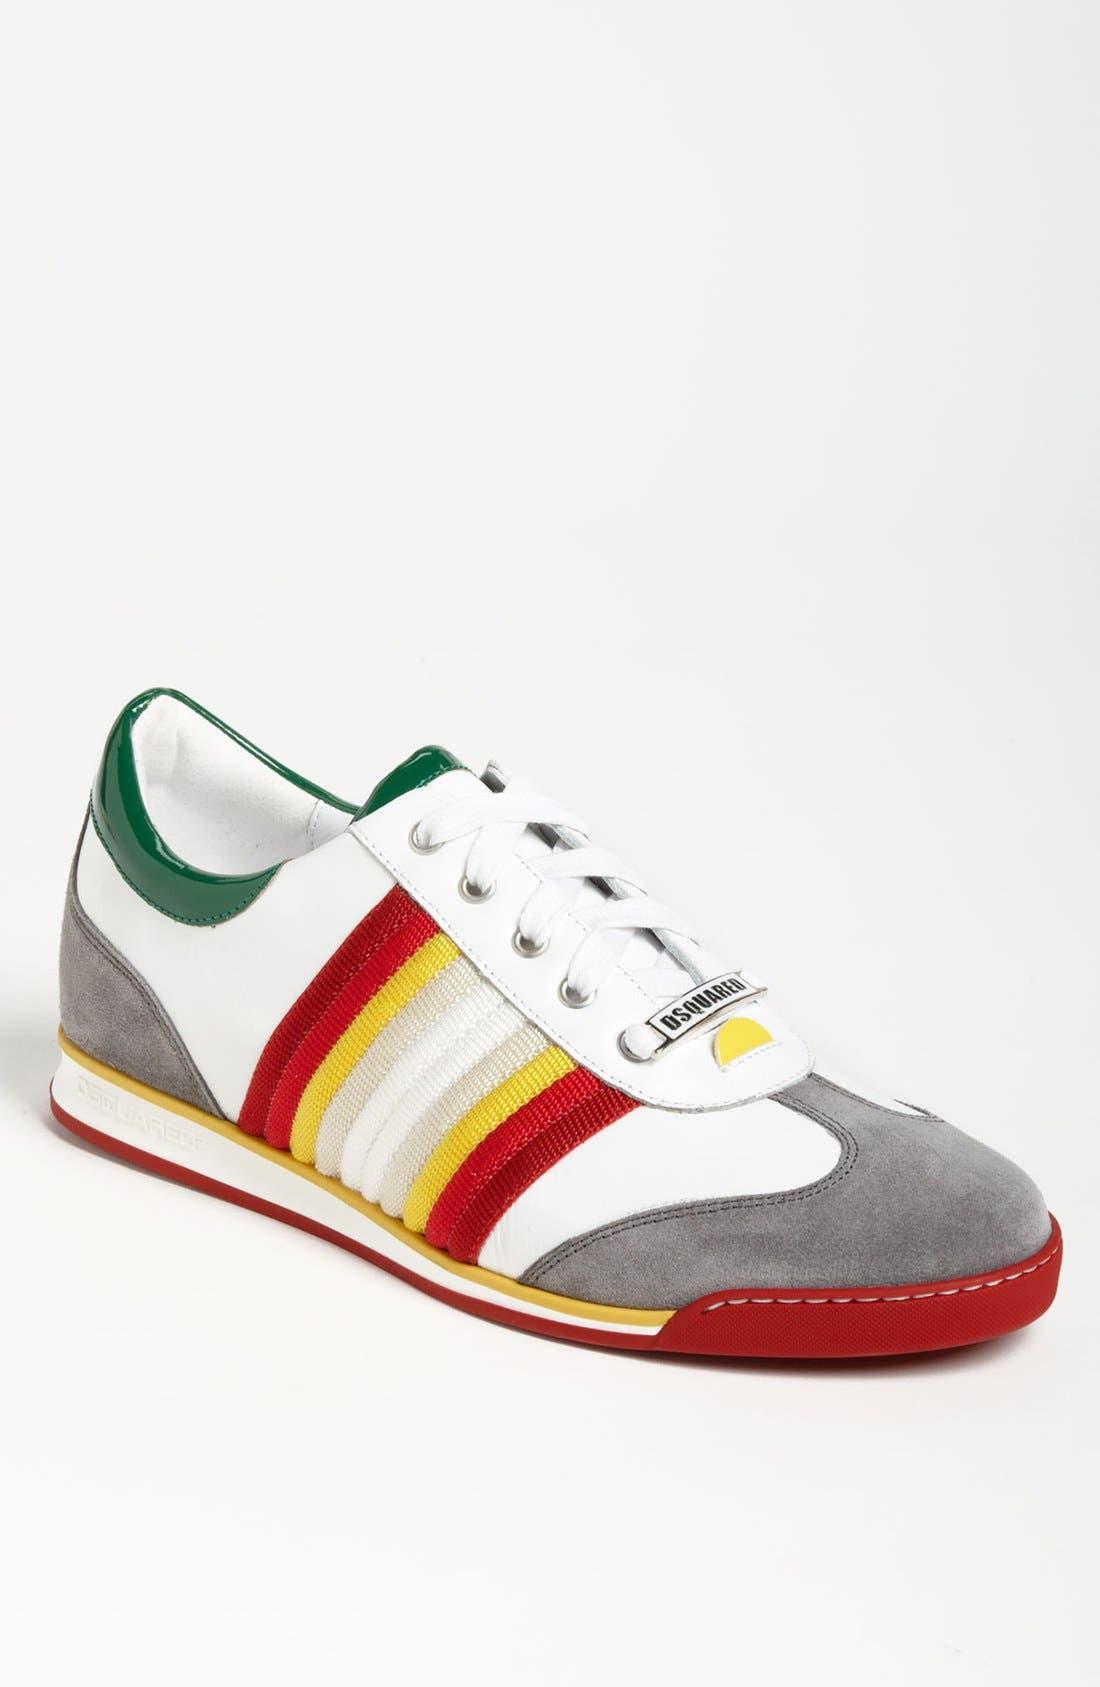 Alternate Image 1 Selected - Dsquared2 'New Runner' Sneaker